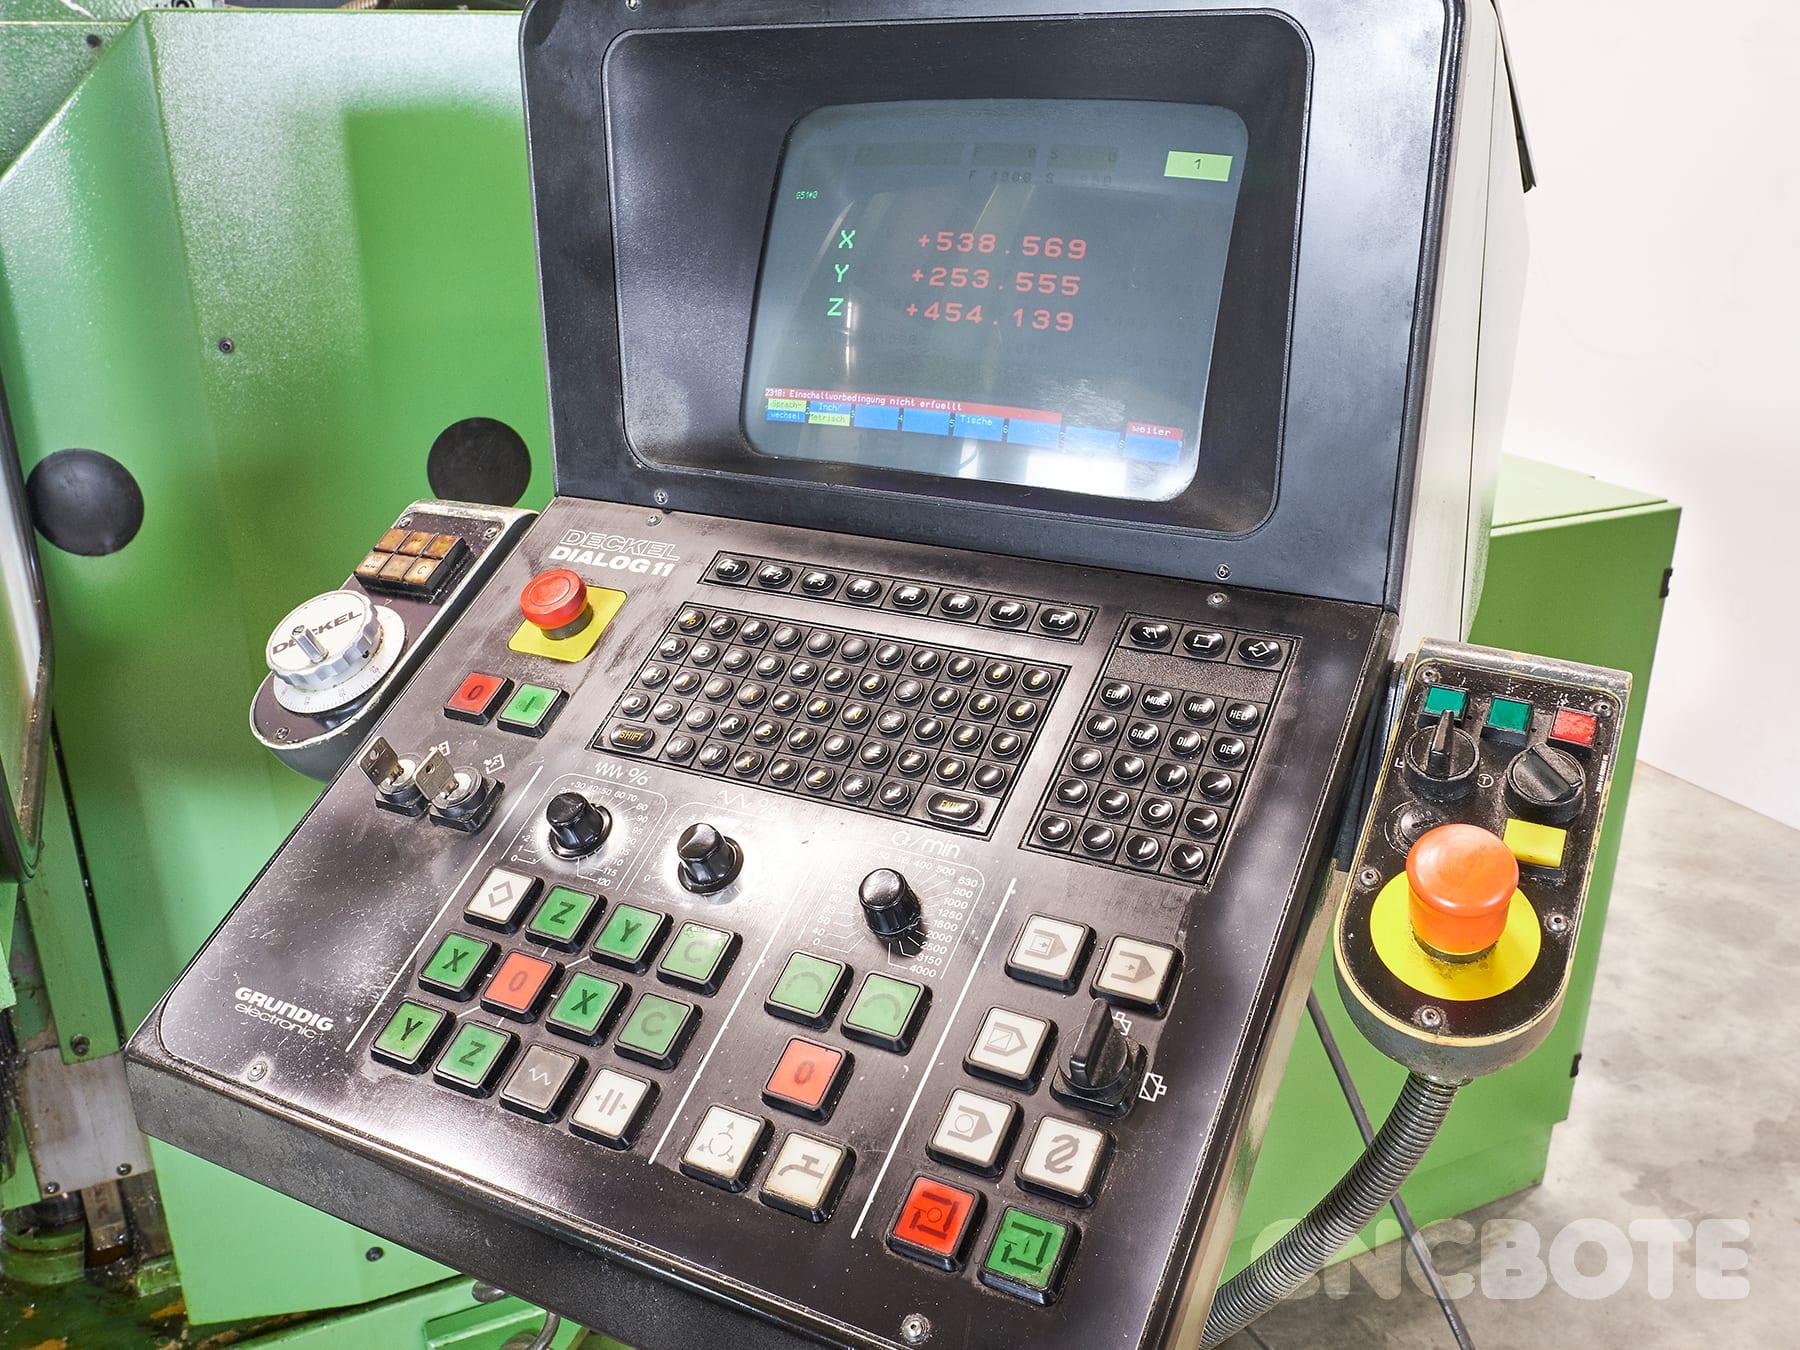 Deckel FP4 AT Fräsmaschine gebraucht kaufen bei CNC BOTE